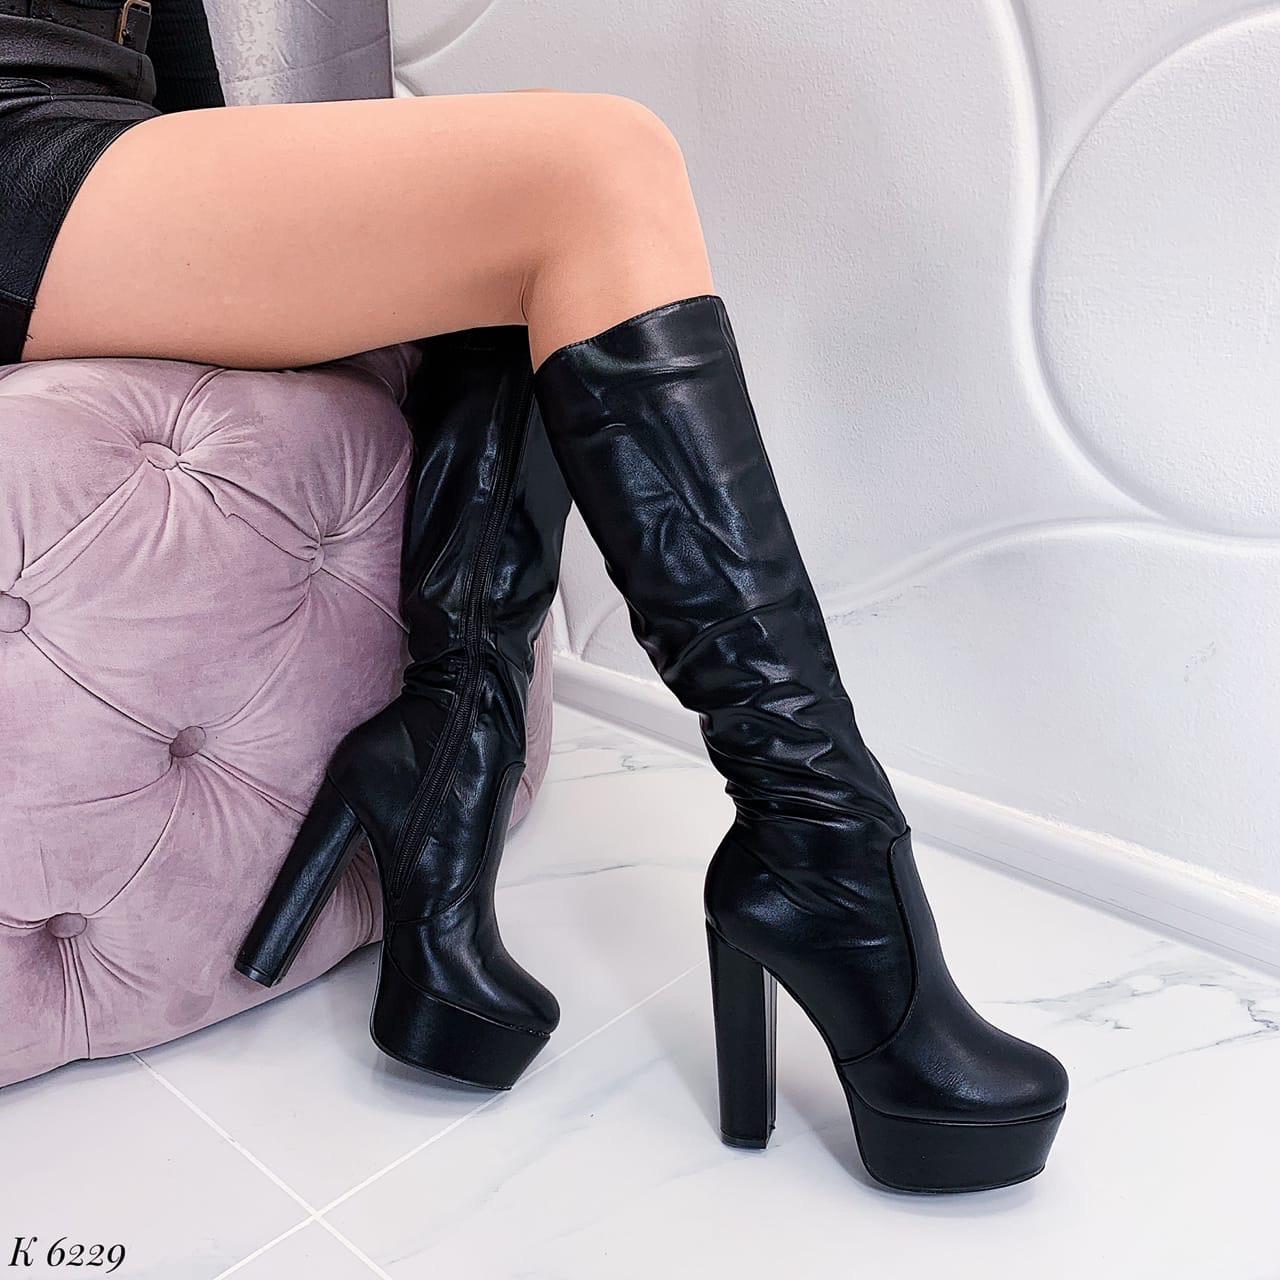 37 р. Сапоги женские деми черные на высоком каблуке, демисезонные